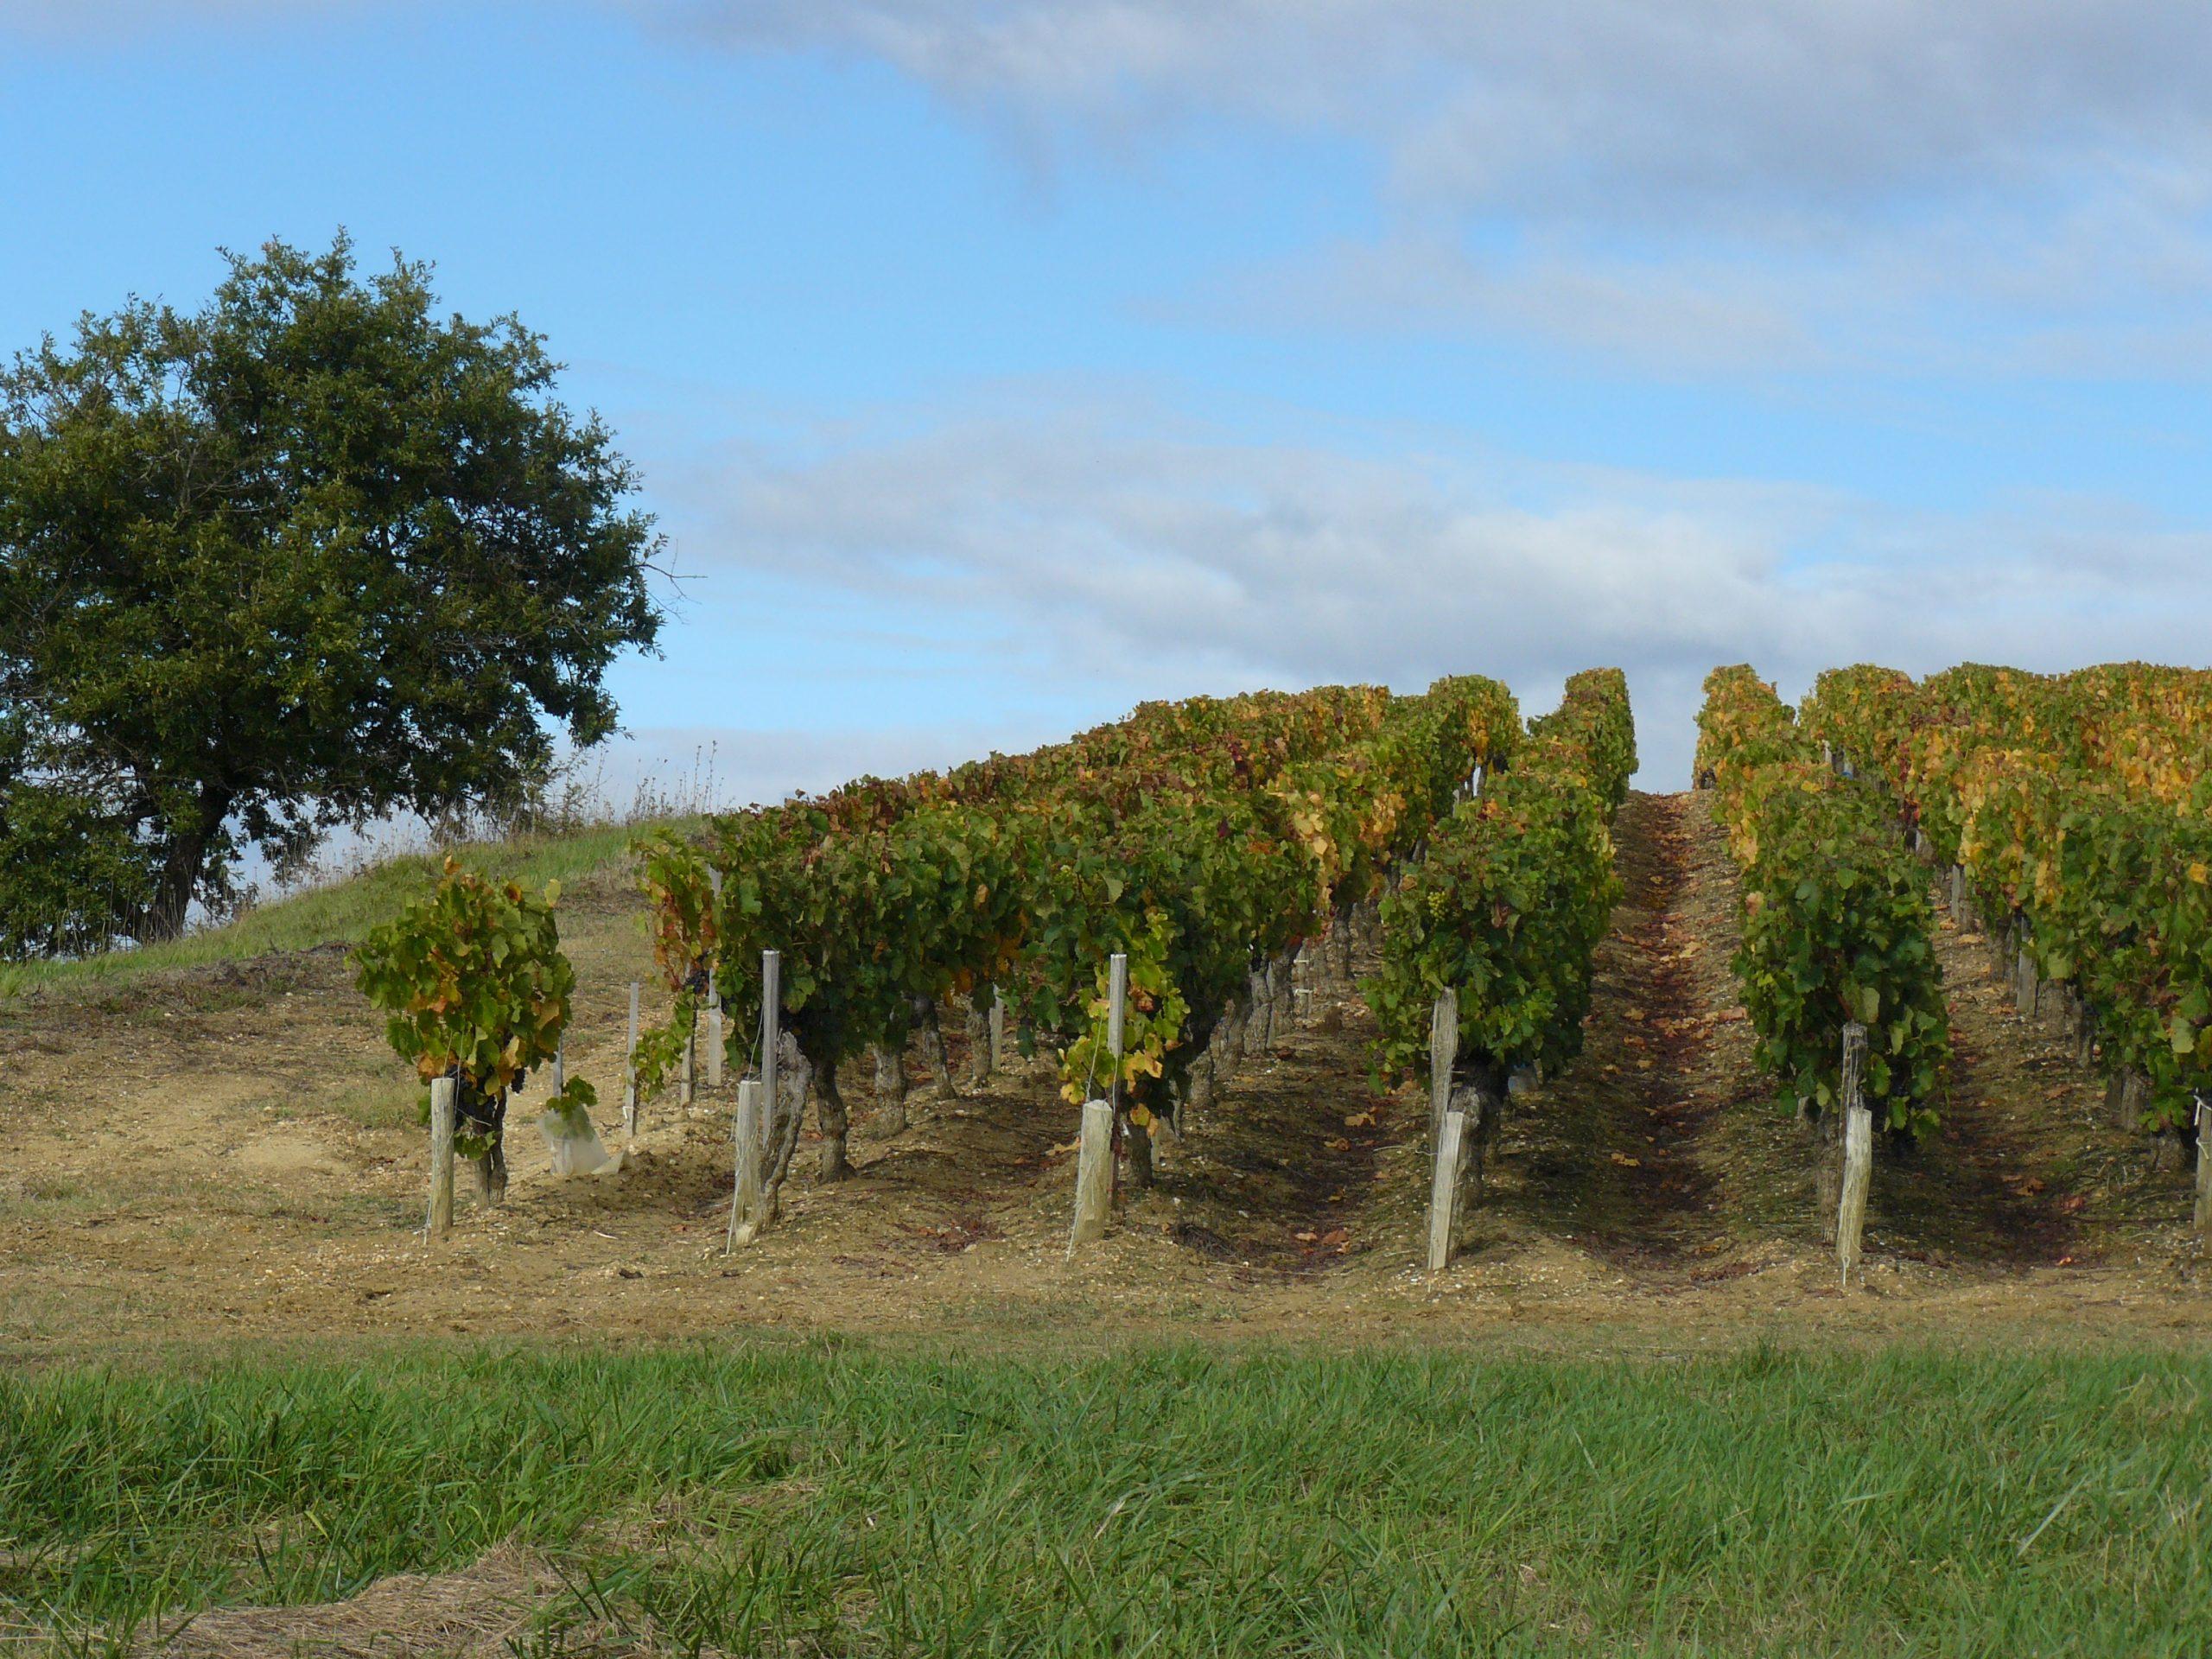 Carré de vignes des coteaux du Médoc